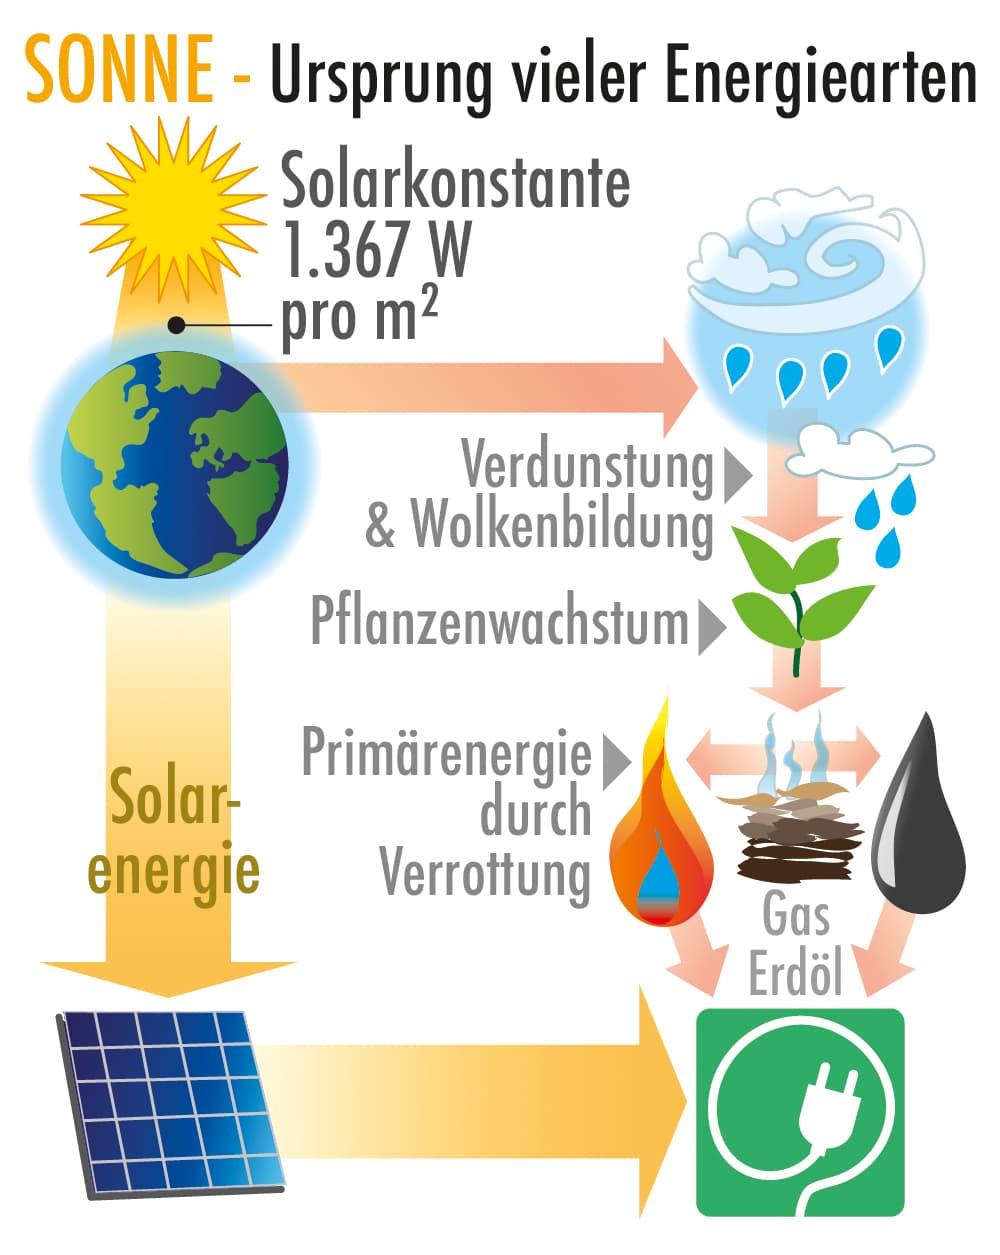 Die Sonne - Ursprung vieler Energiearten